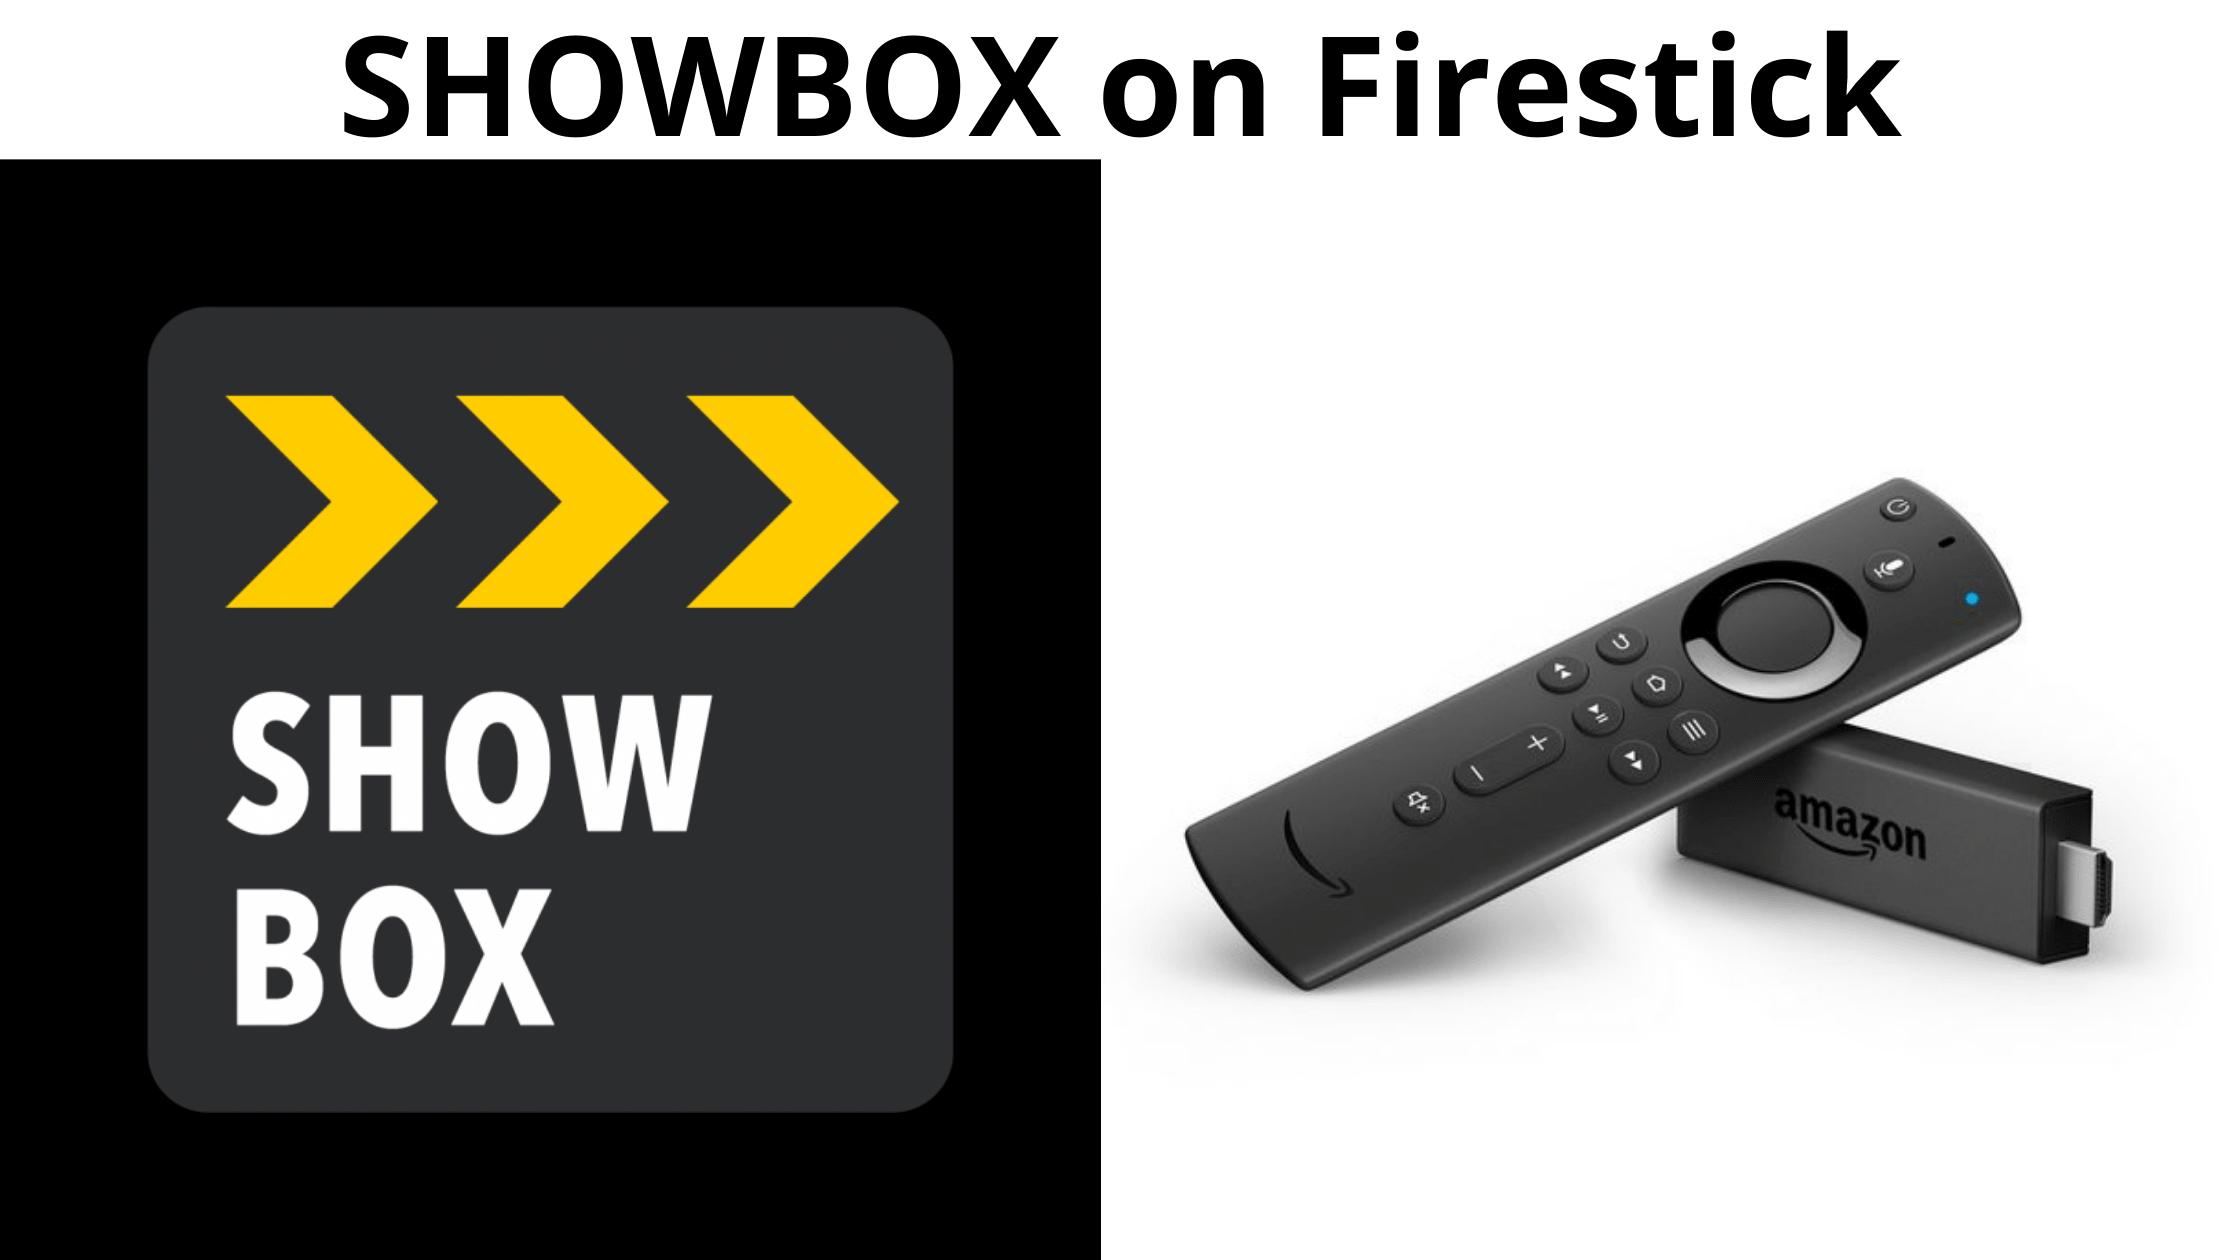 Showbox on Firestick